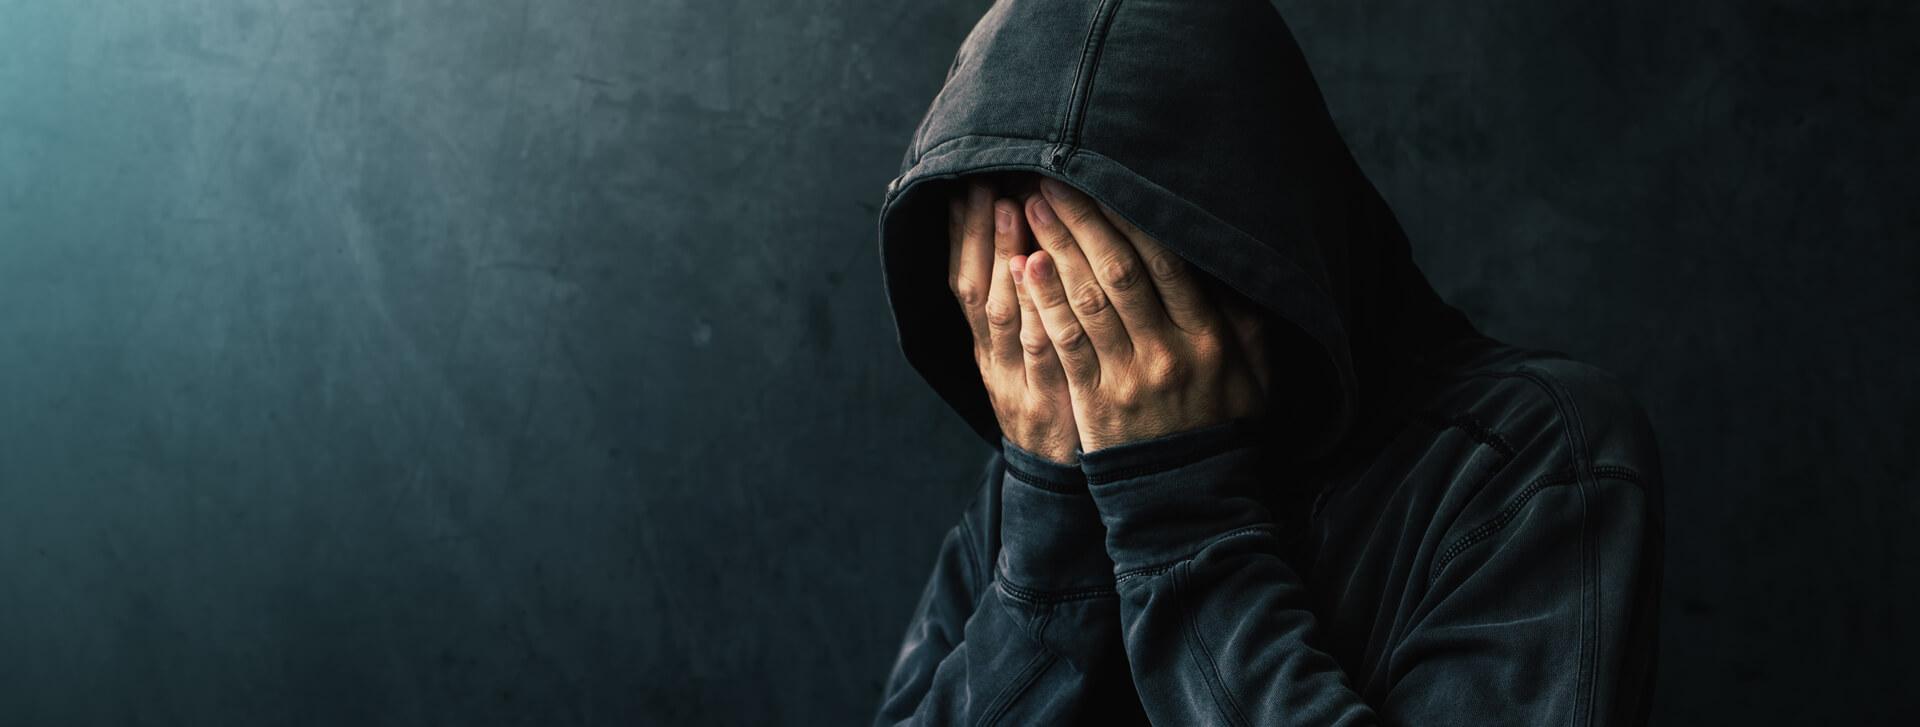 Struggle of Addicts on Drugs - Együtt van kiút a függőségből